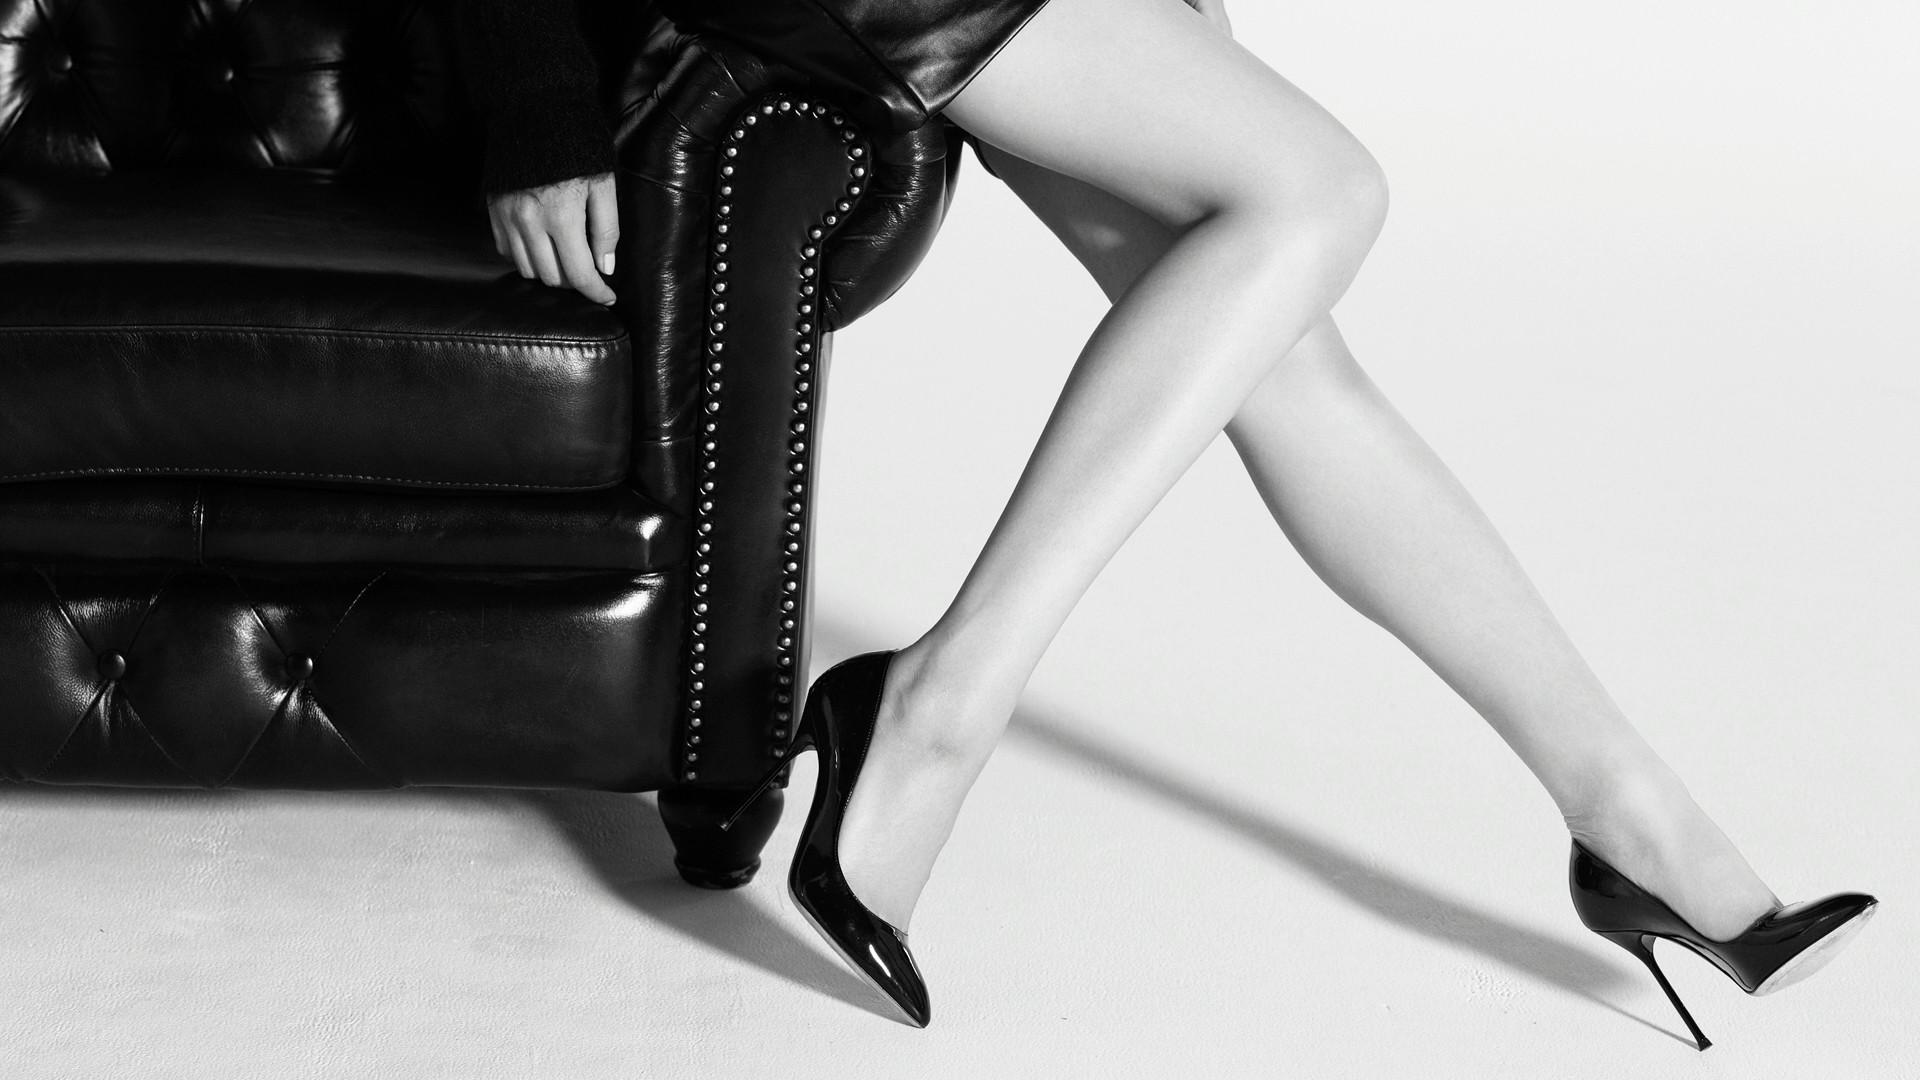 Nogi w czarnych szpilkach